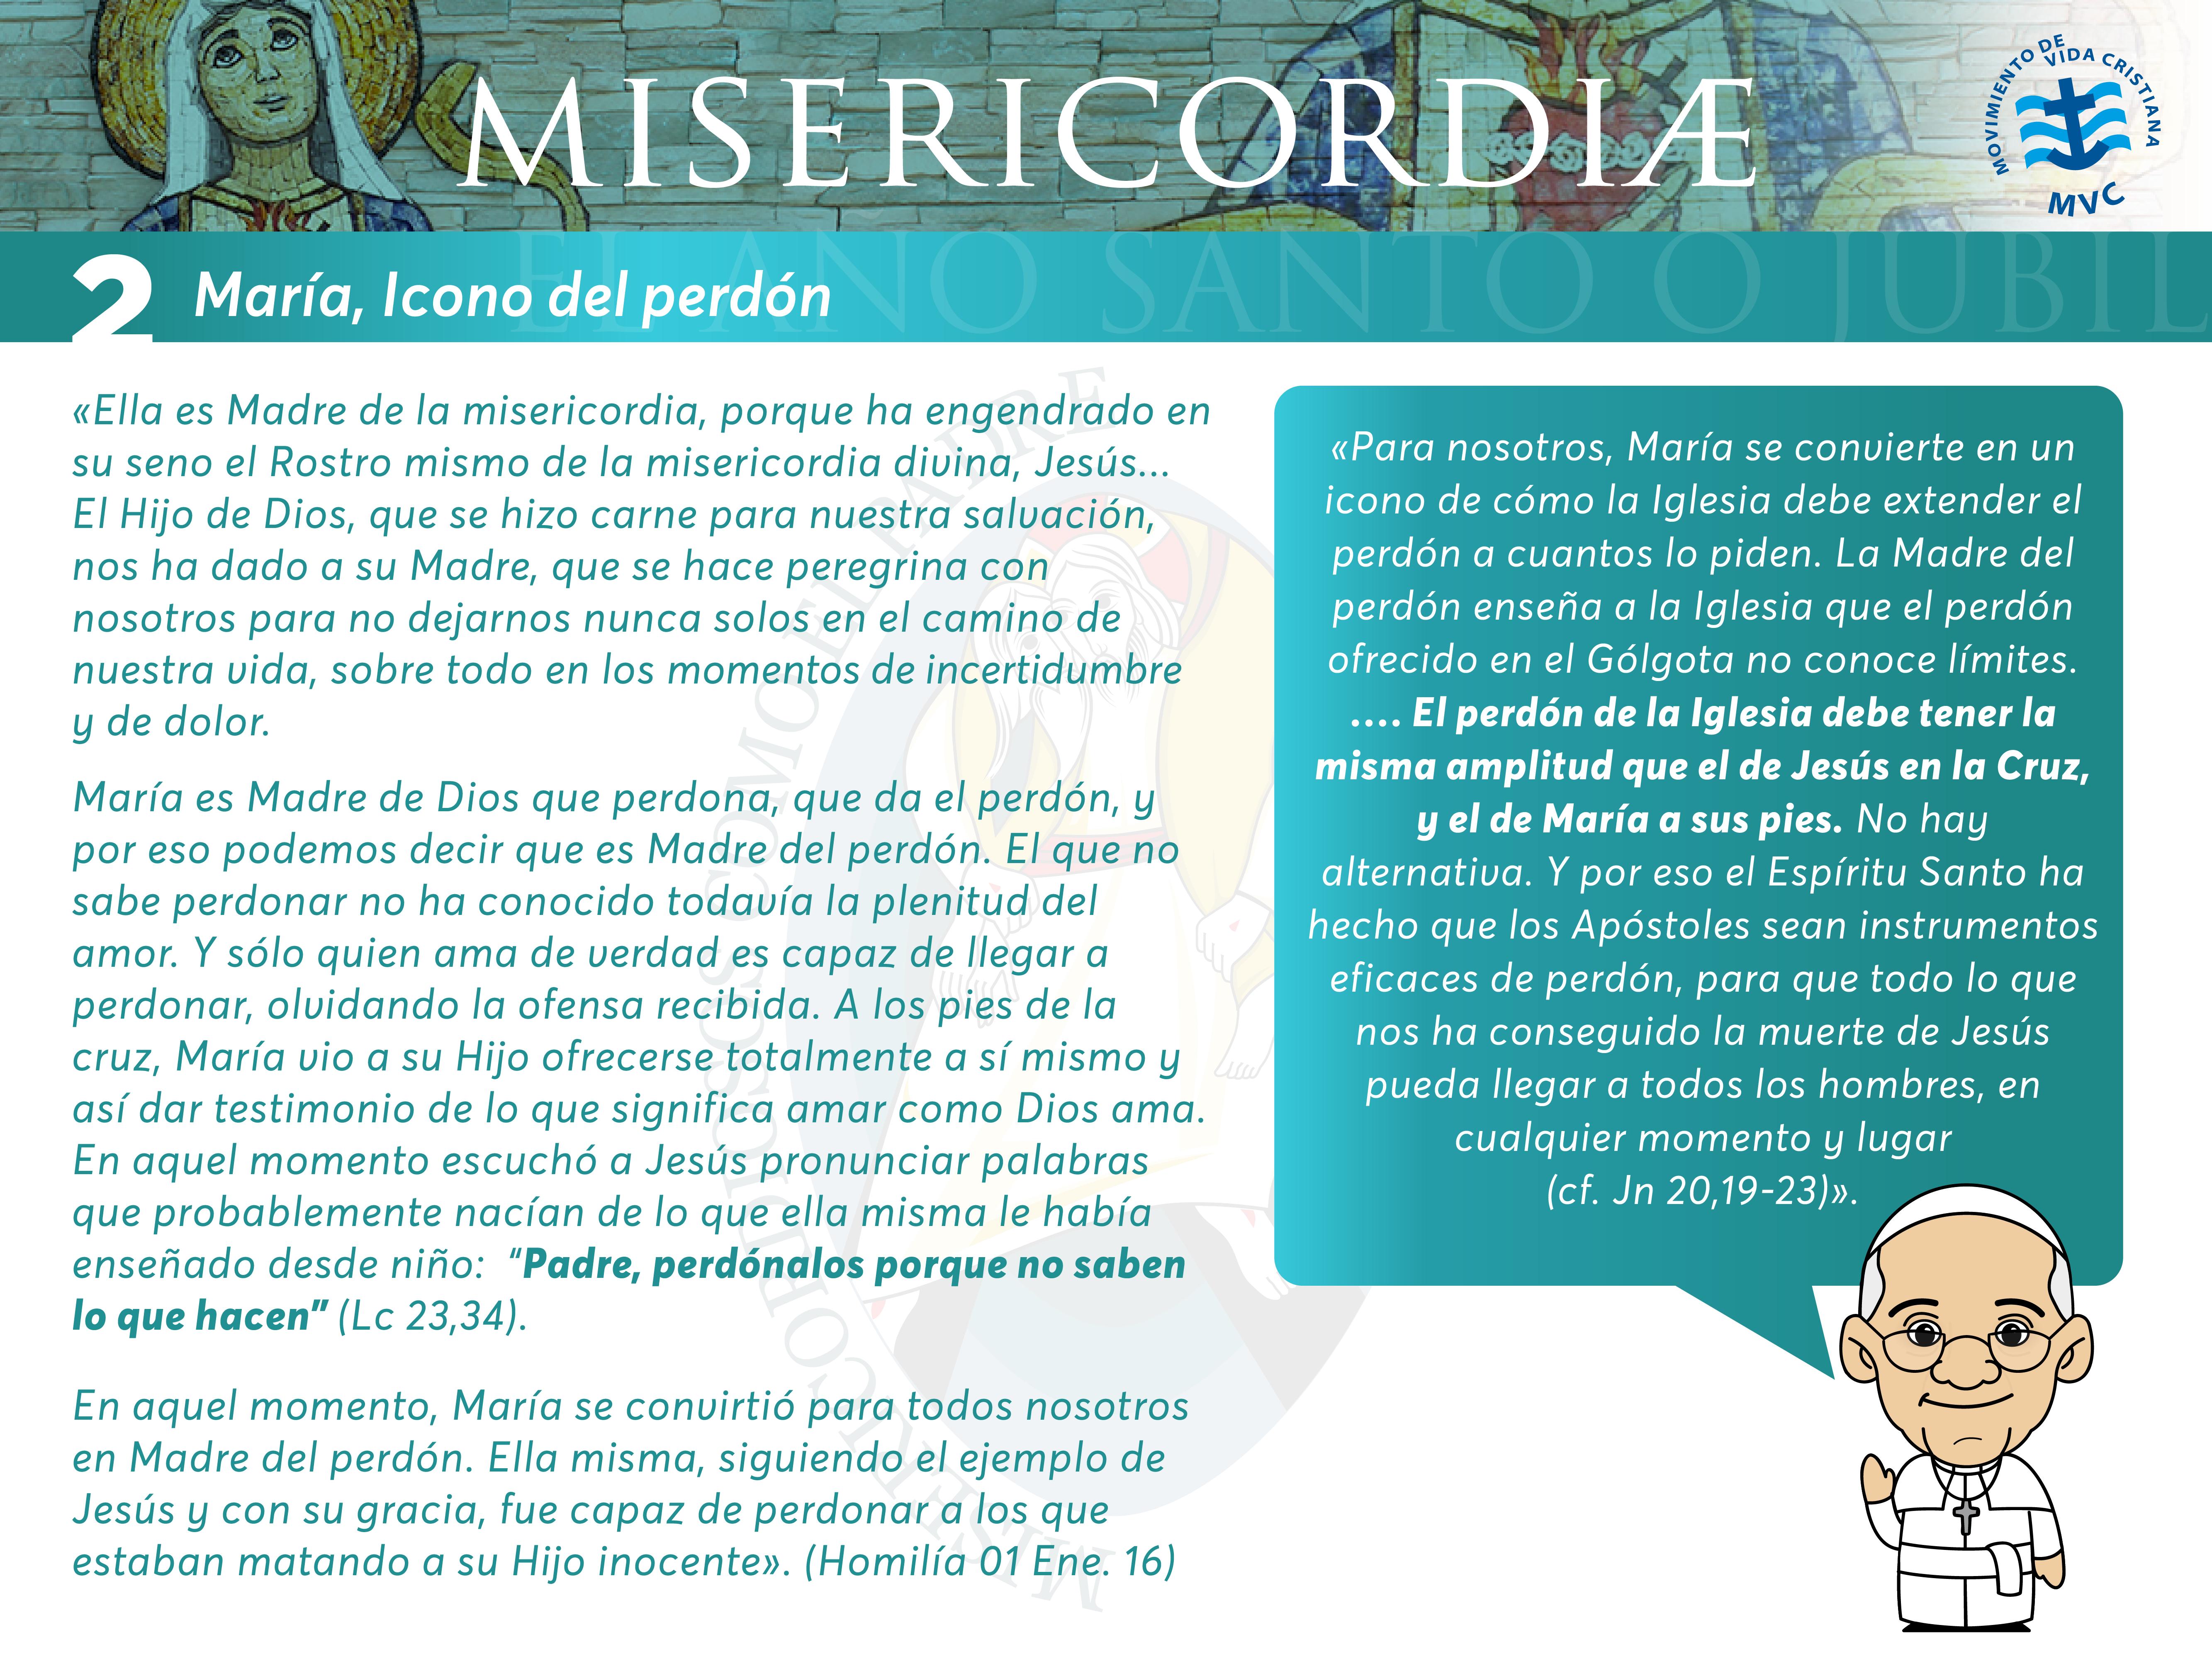 Misericordiae 5-03